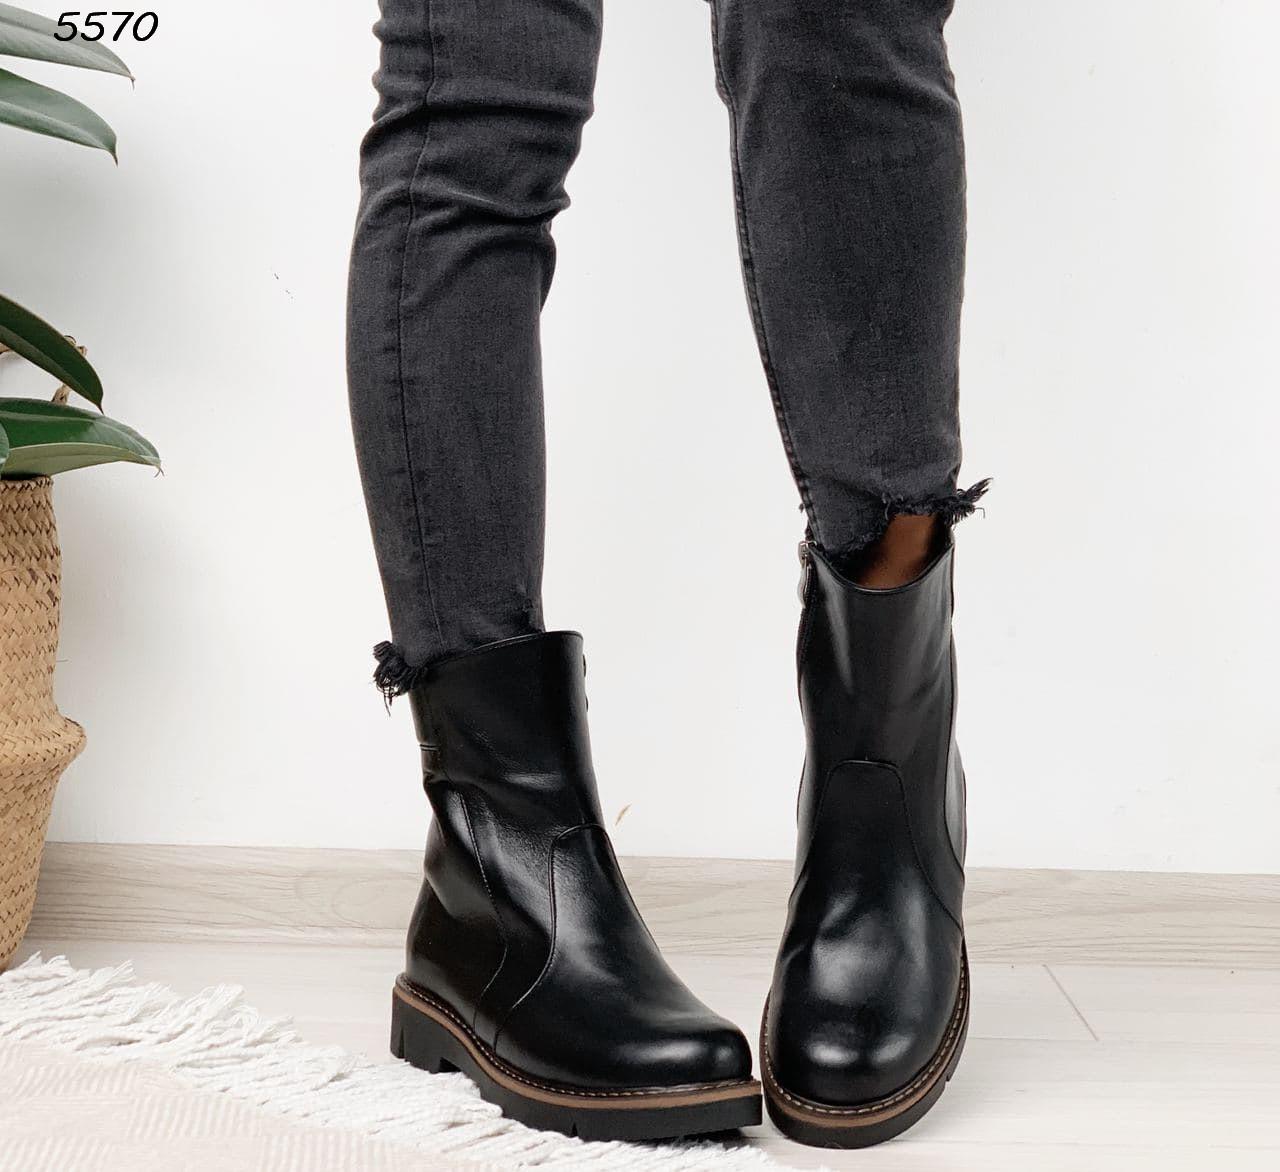 Женские ботинки кожаные Зима 5570